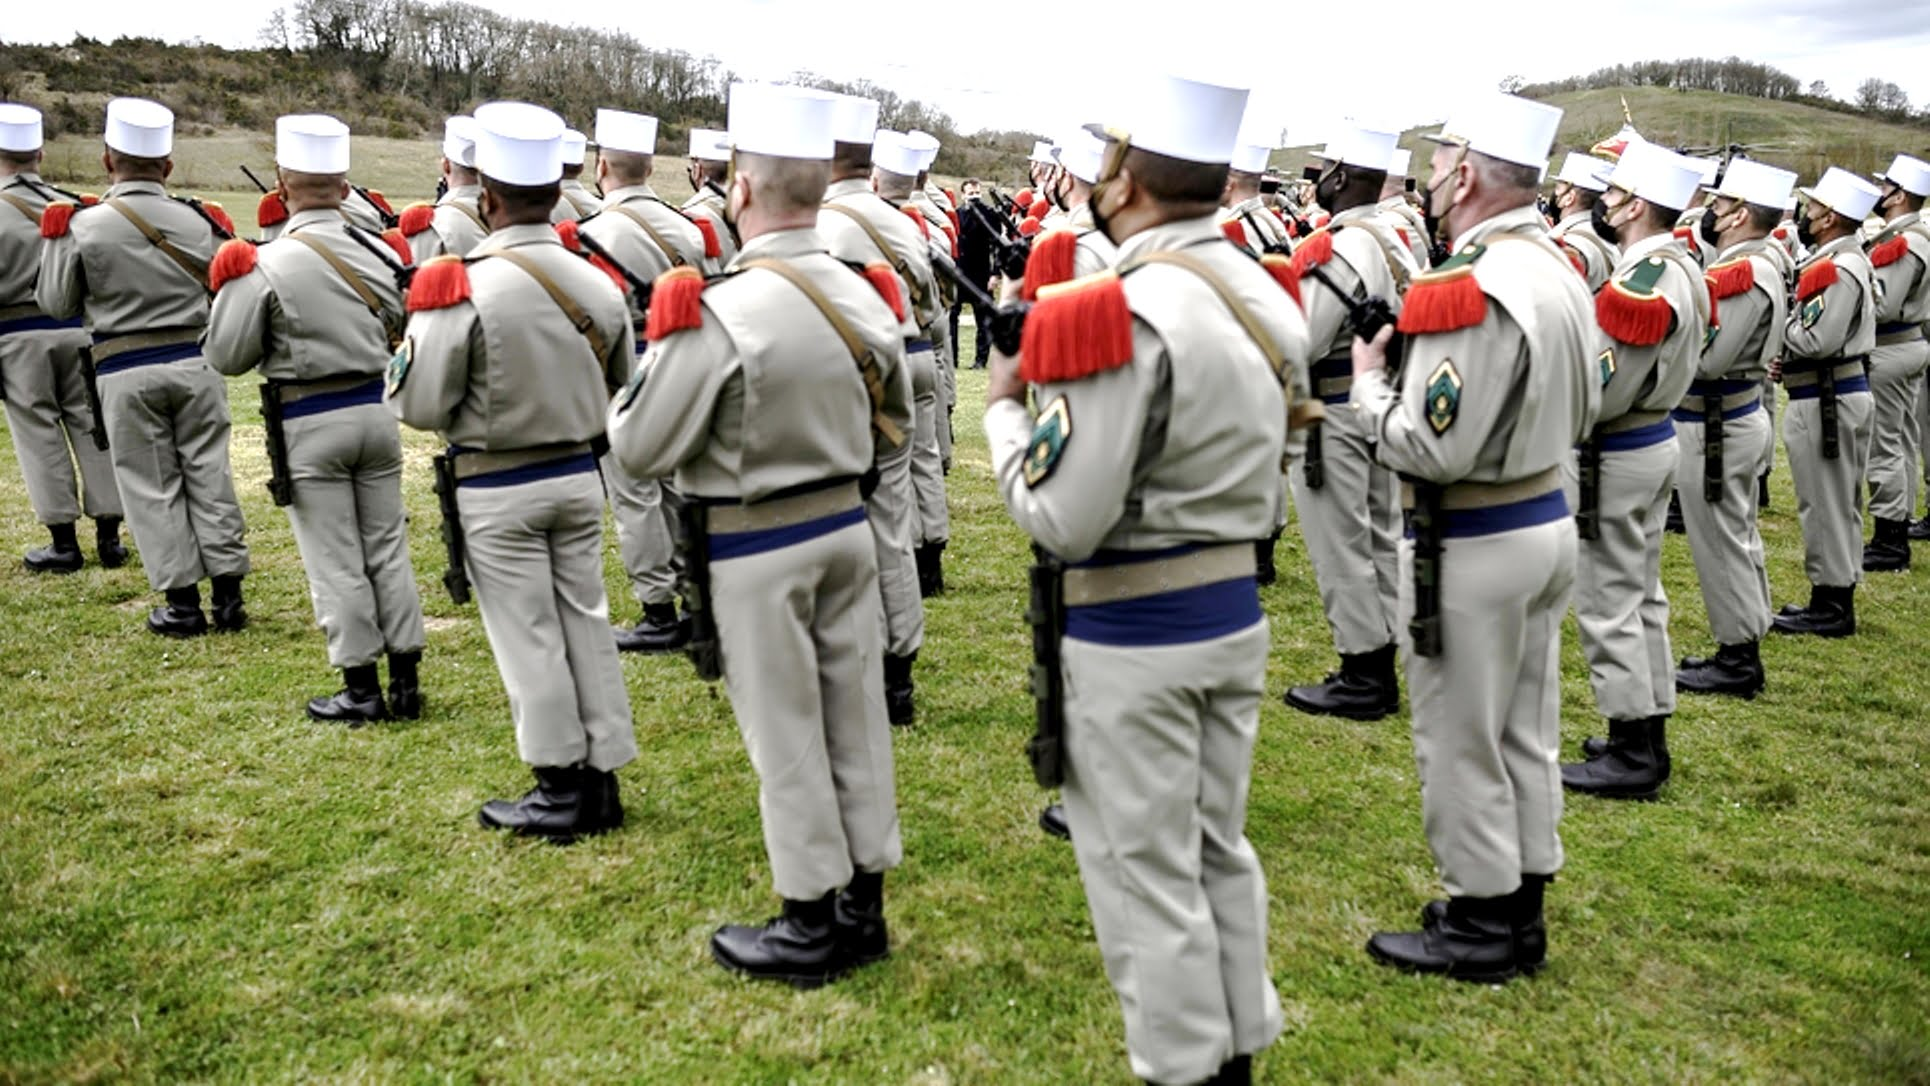 Γαλλία, Η ανοιχτή επιστολή των πρώην στρατιωτικών: συνωμοσία εναντίον της Δημοκρατίας;